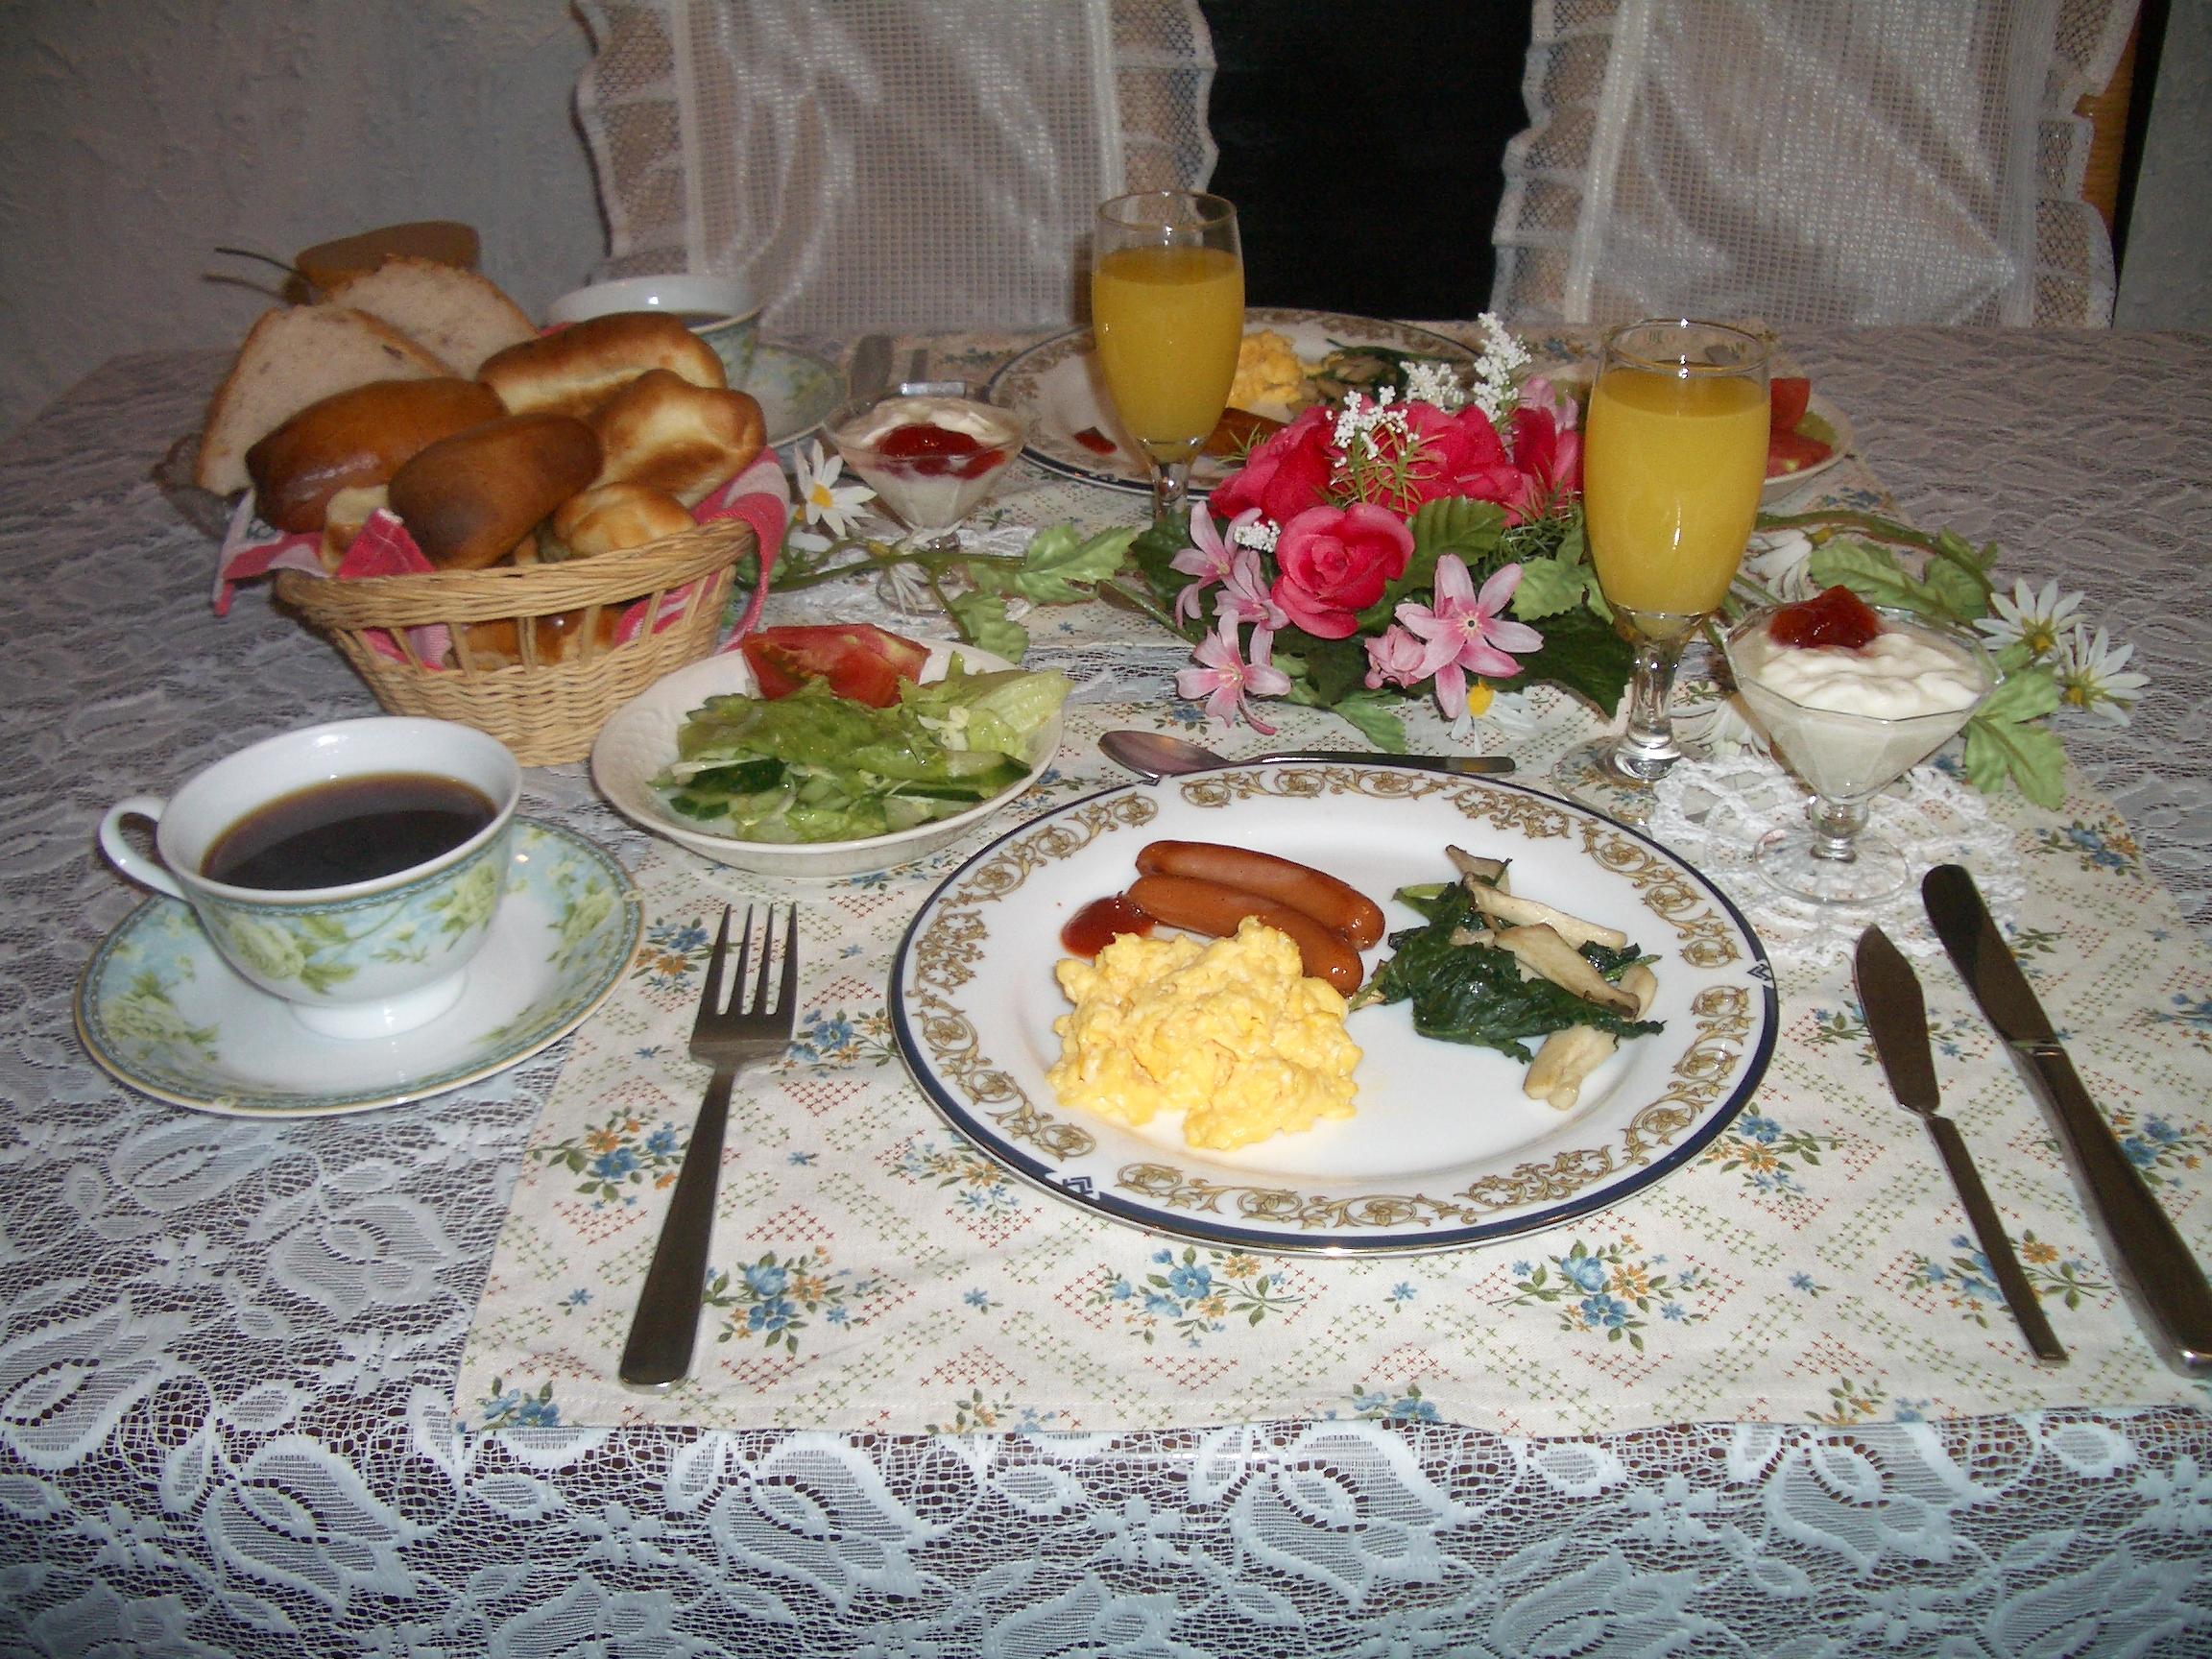 白馬の宿泊施設るんびにーの朝食